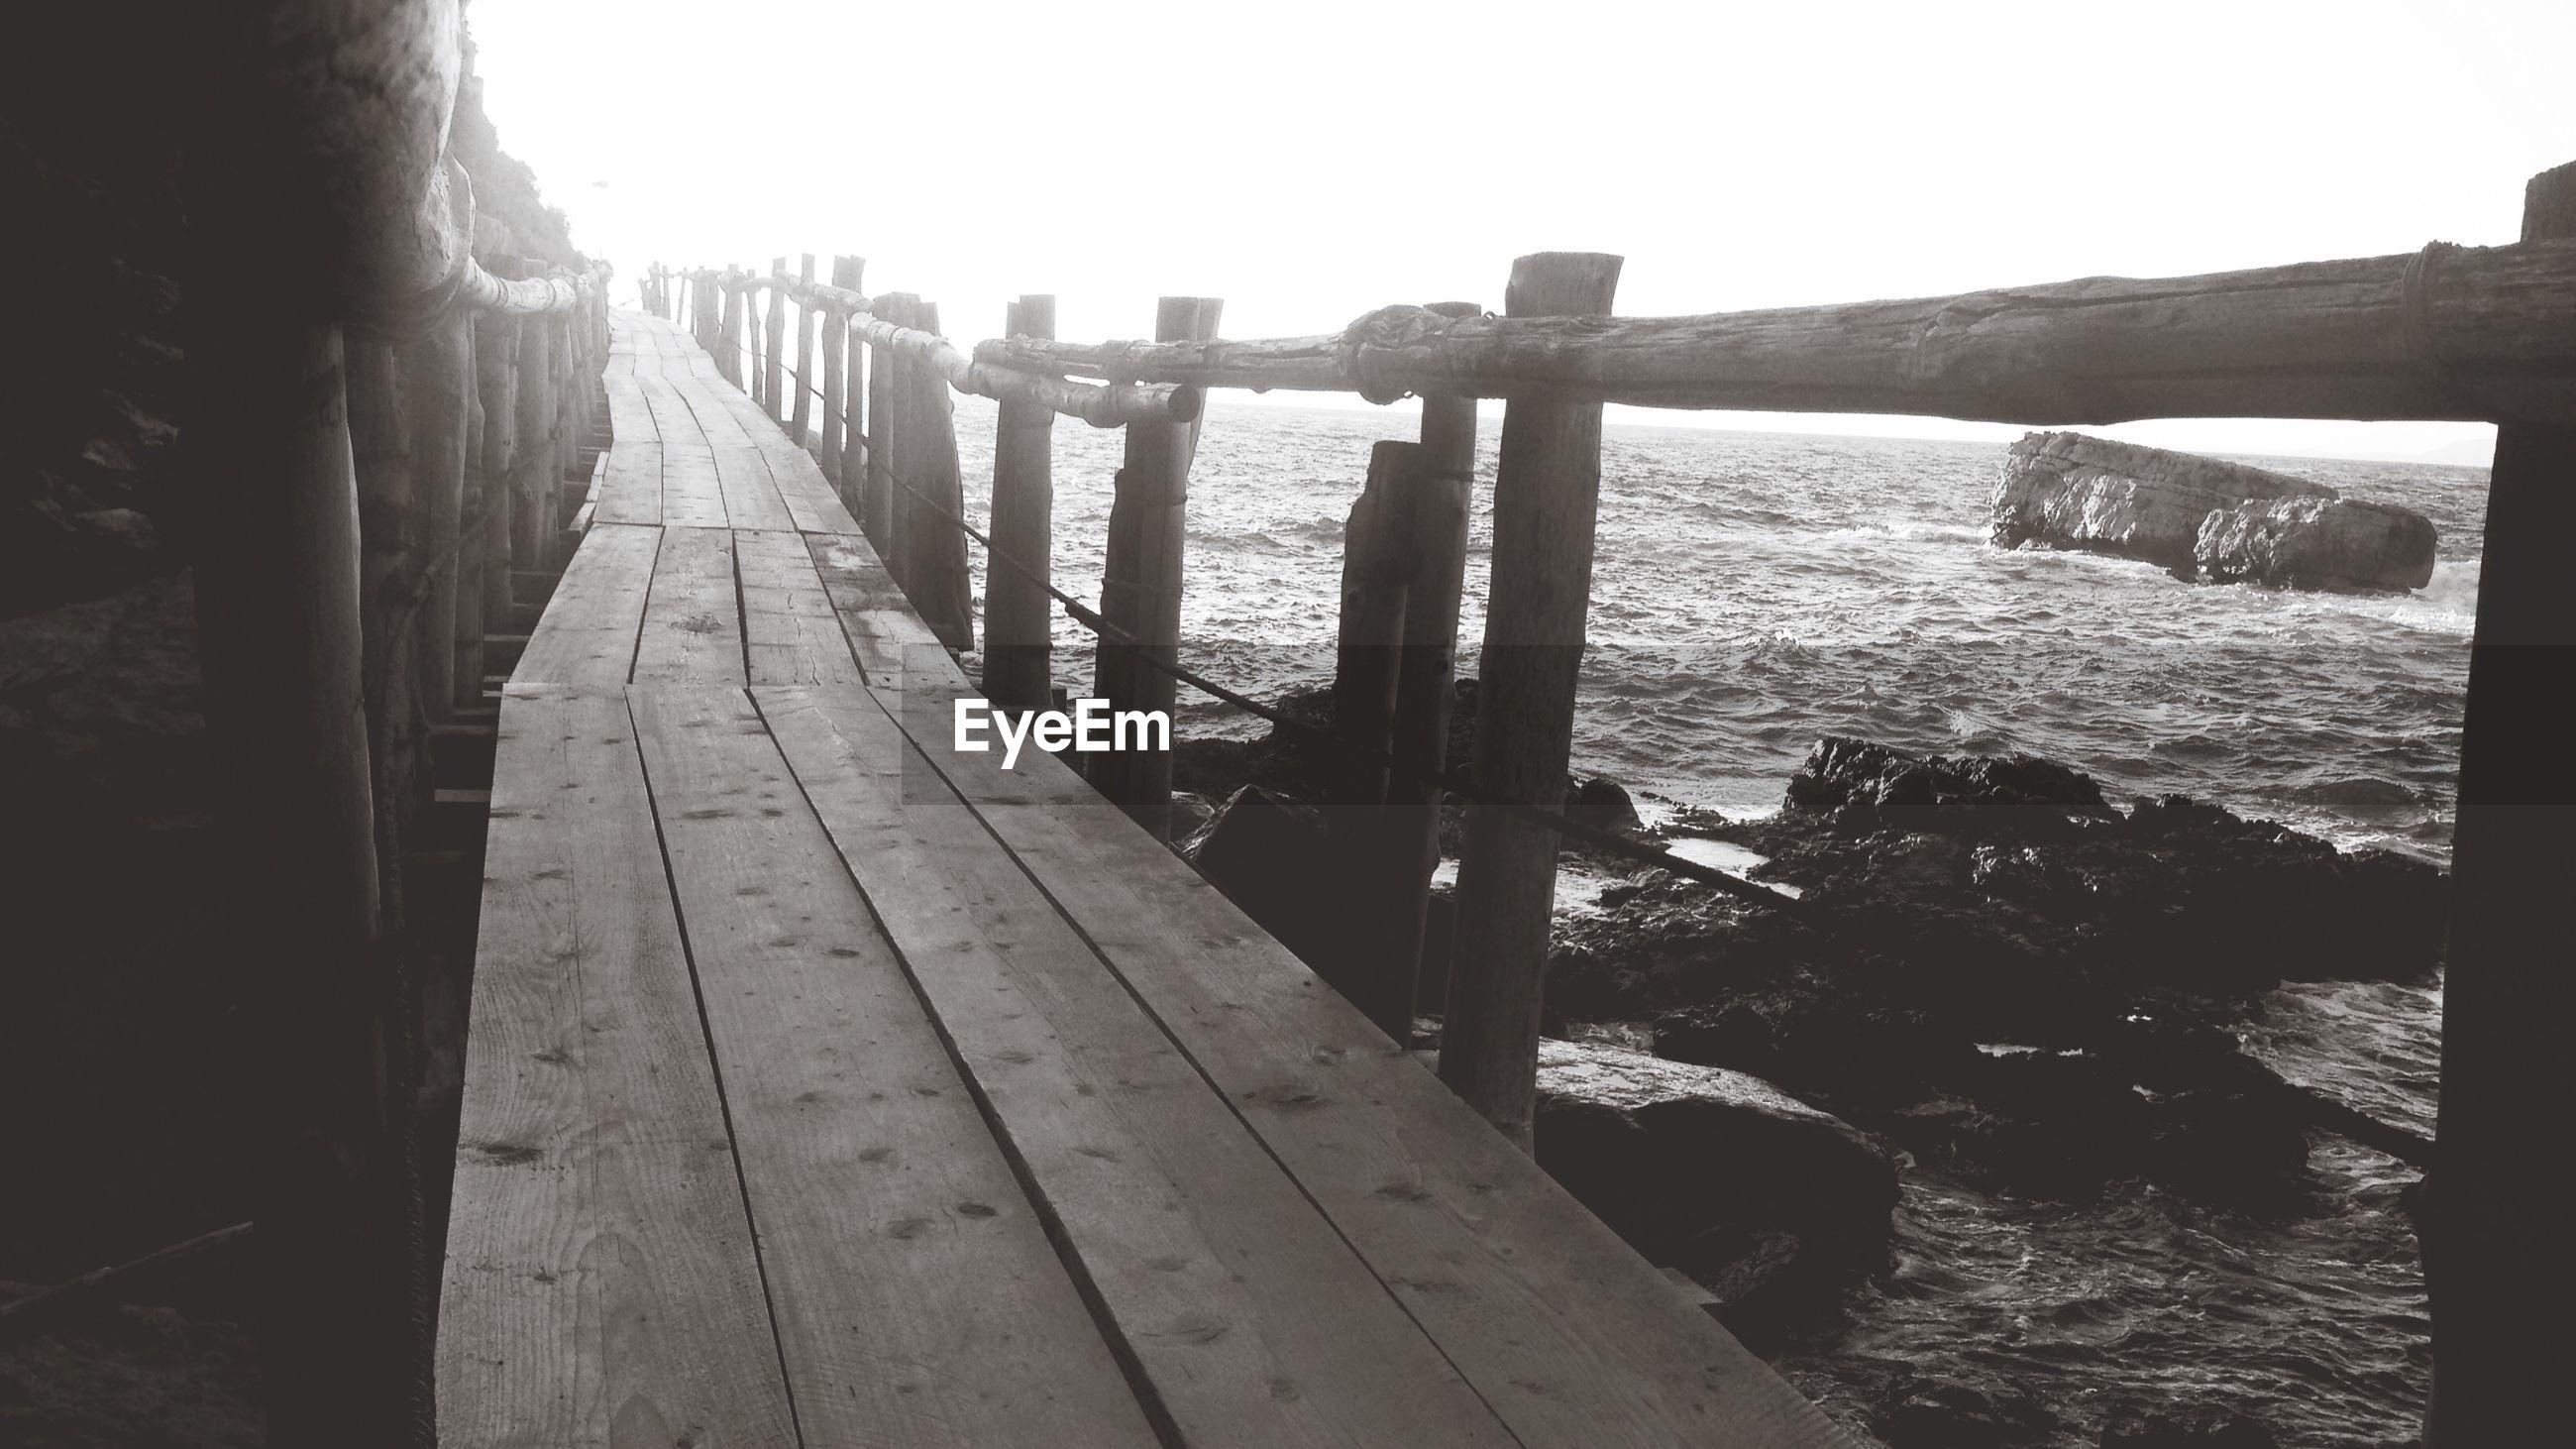 Footbridge by sea against sky